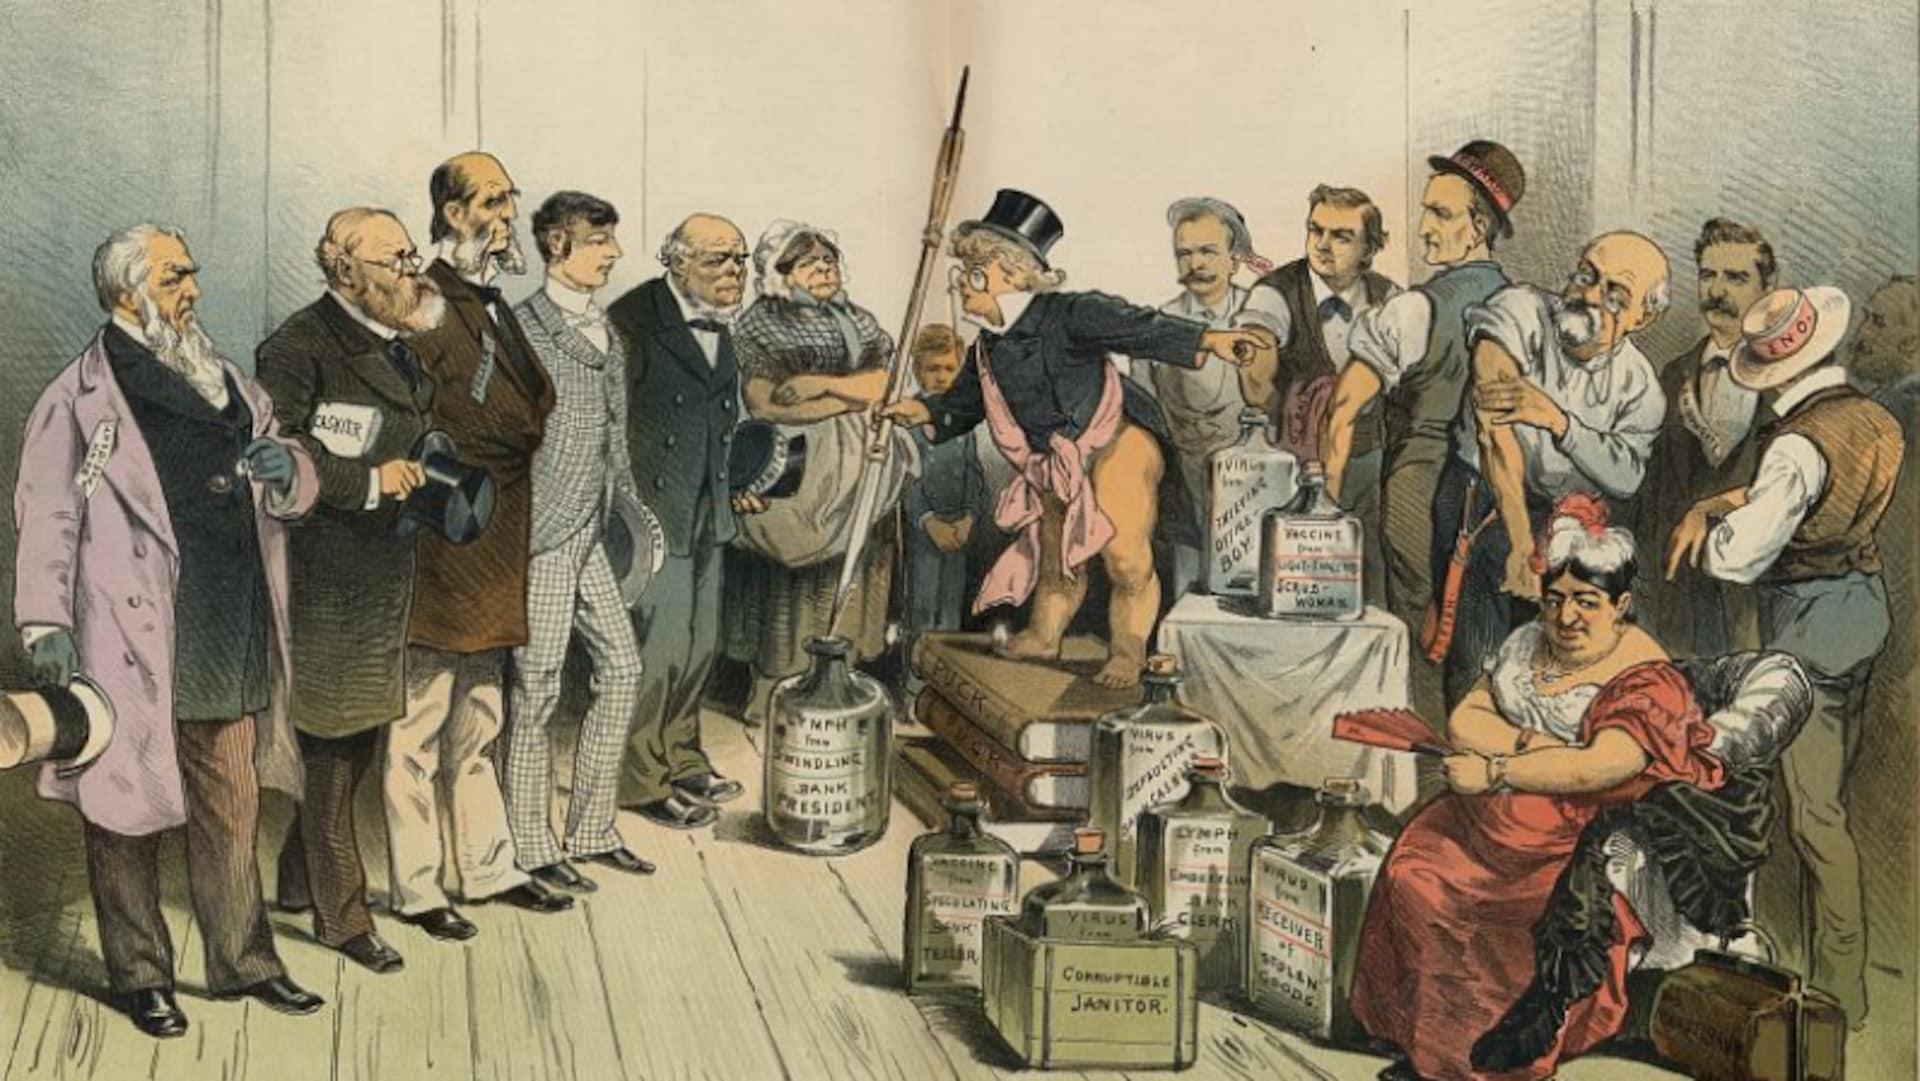 Un homme bonimente une foule entouré de fioles et de livres médicaux, mais ses arguments ne semblent convaincre personne.